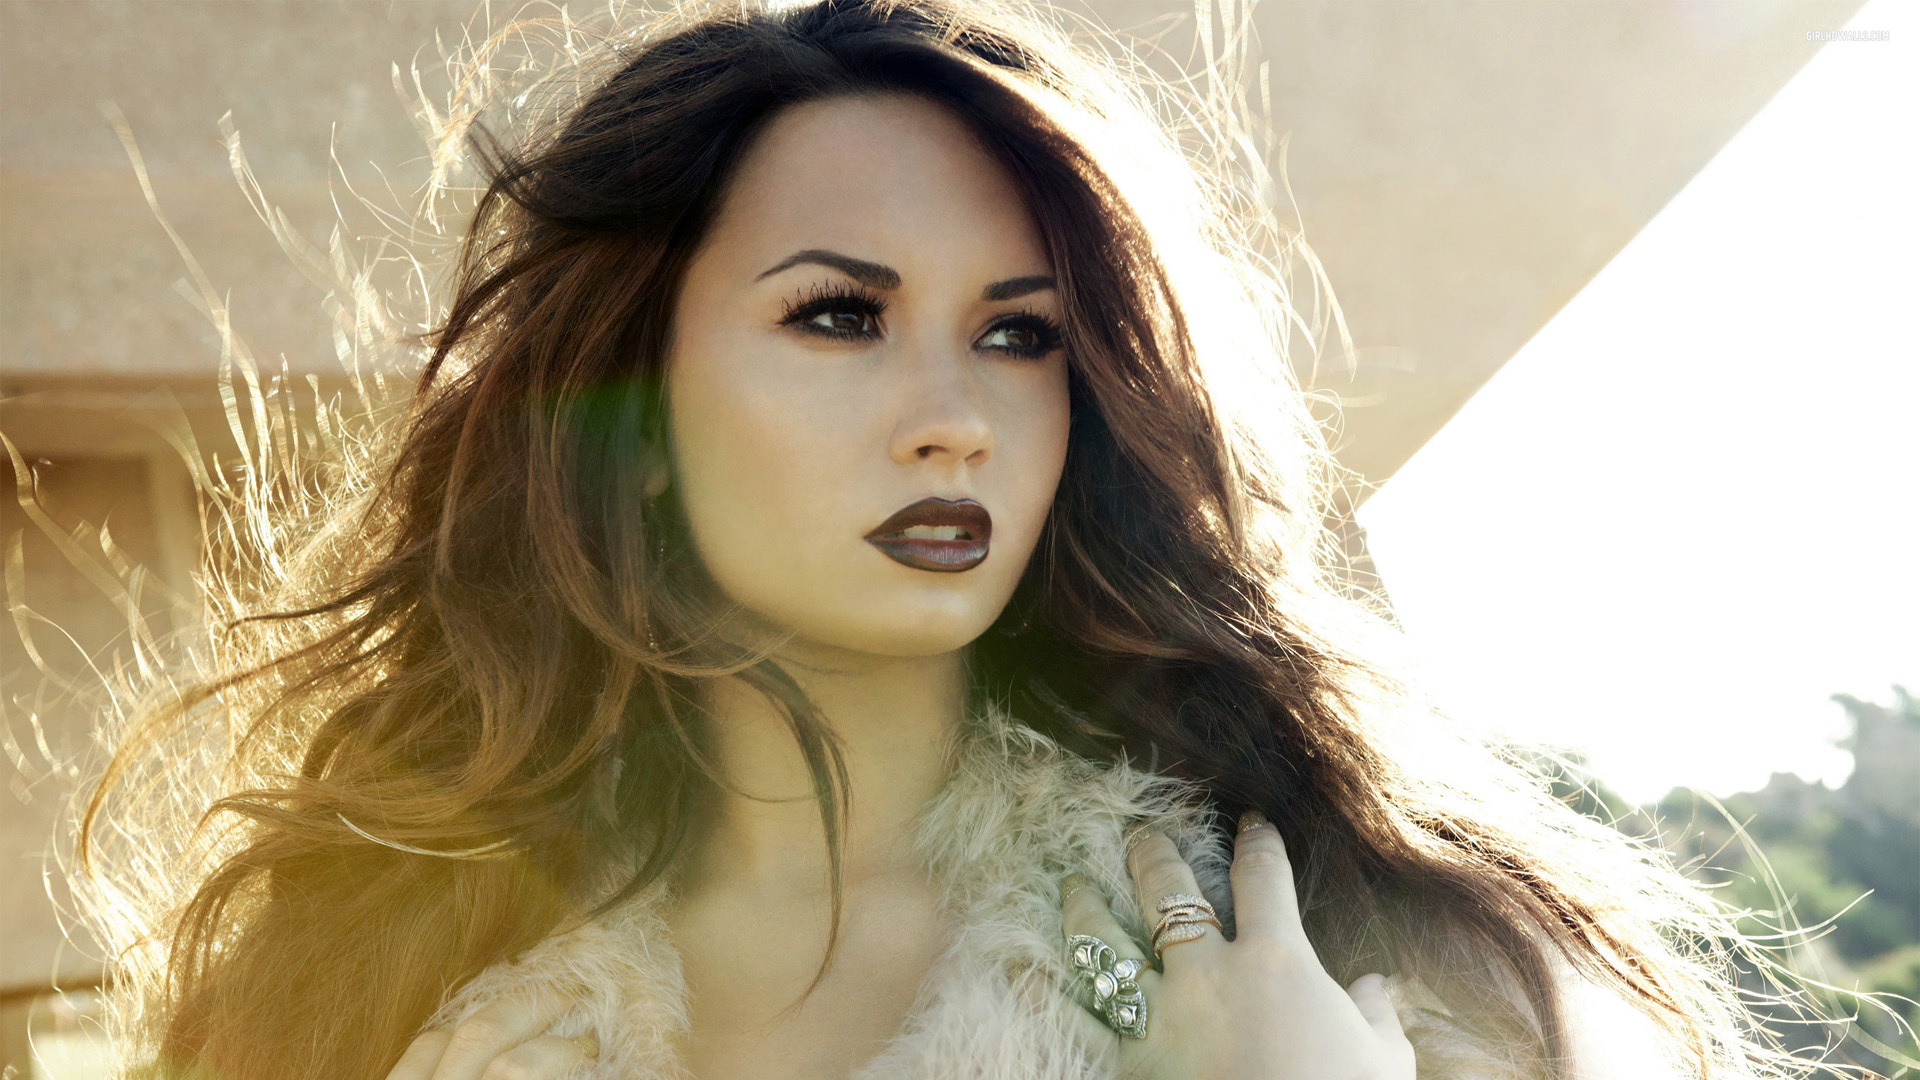 Demi Lovato Short Pictures